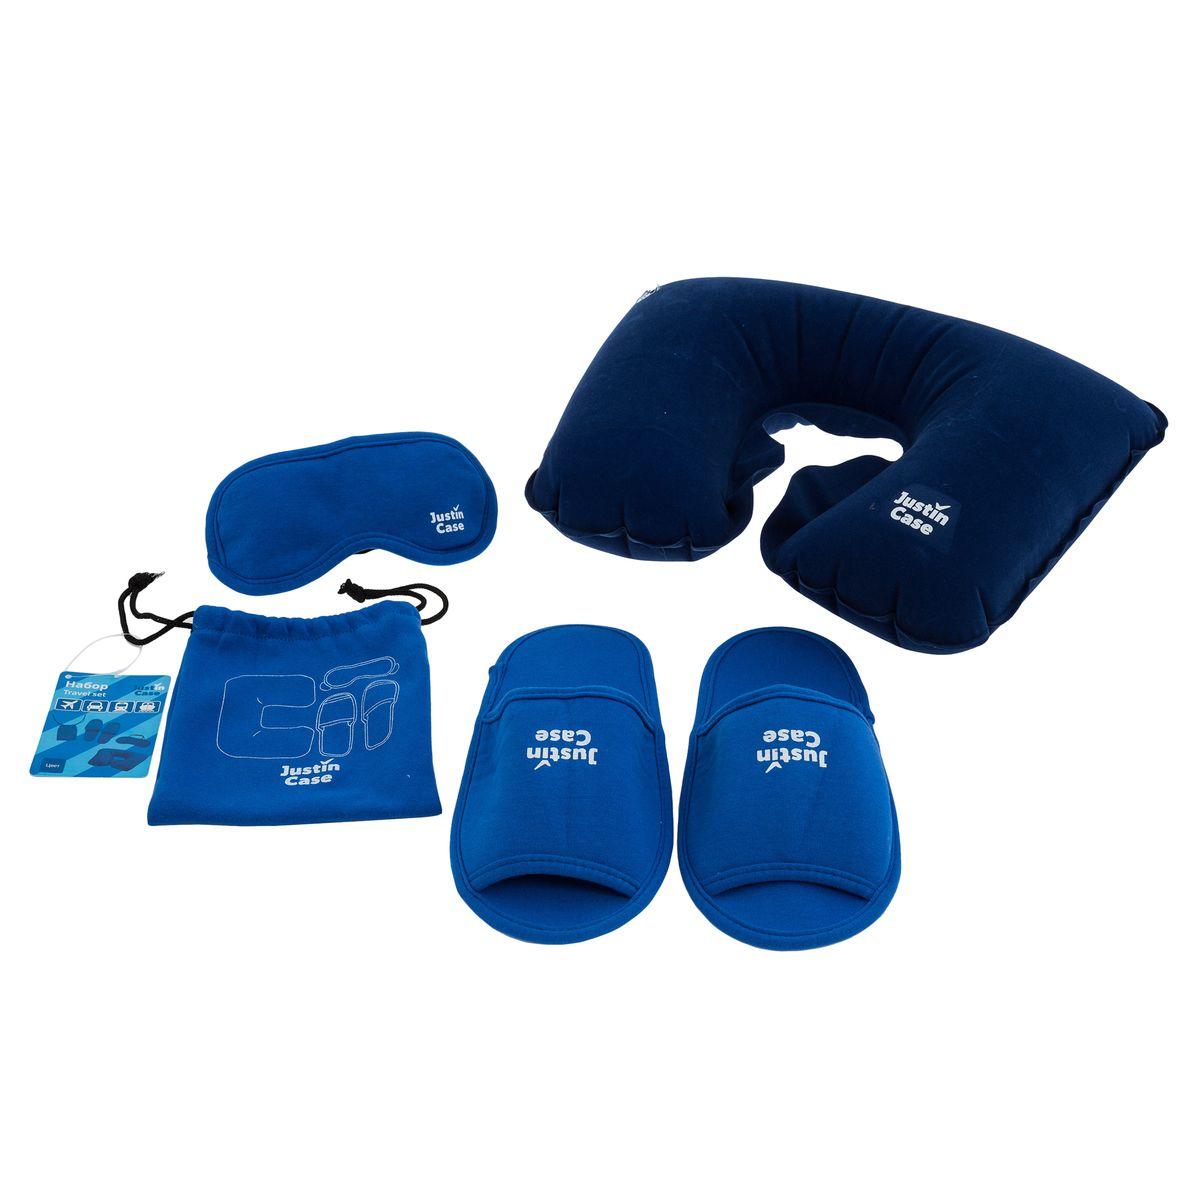 Набор для путешествия JustinCase, цвет: голубойBP-001 BKУниверсальный набор для путешествий JustinCase включает в себя надувную подушку, маску для сна, и тапочки - все что нужно для идеального путешествия. Предметы набора приятные на ощупь, выполнены из высококачественных материалов. Набор очень компактен в сложенном виде и помещается в небольшую сумку, закрывающуюся на затягивающиеся шнурки.Длина тапочек: 24,6 см.